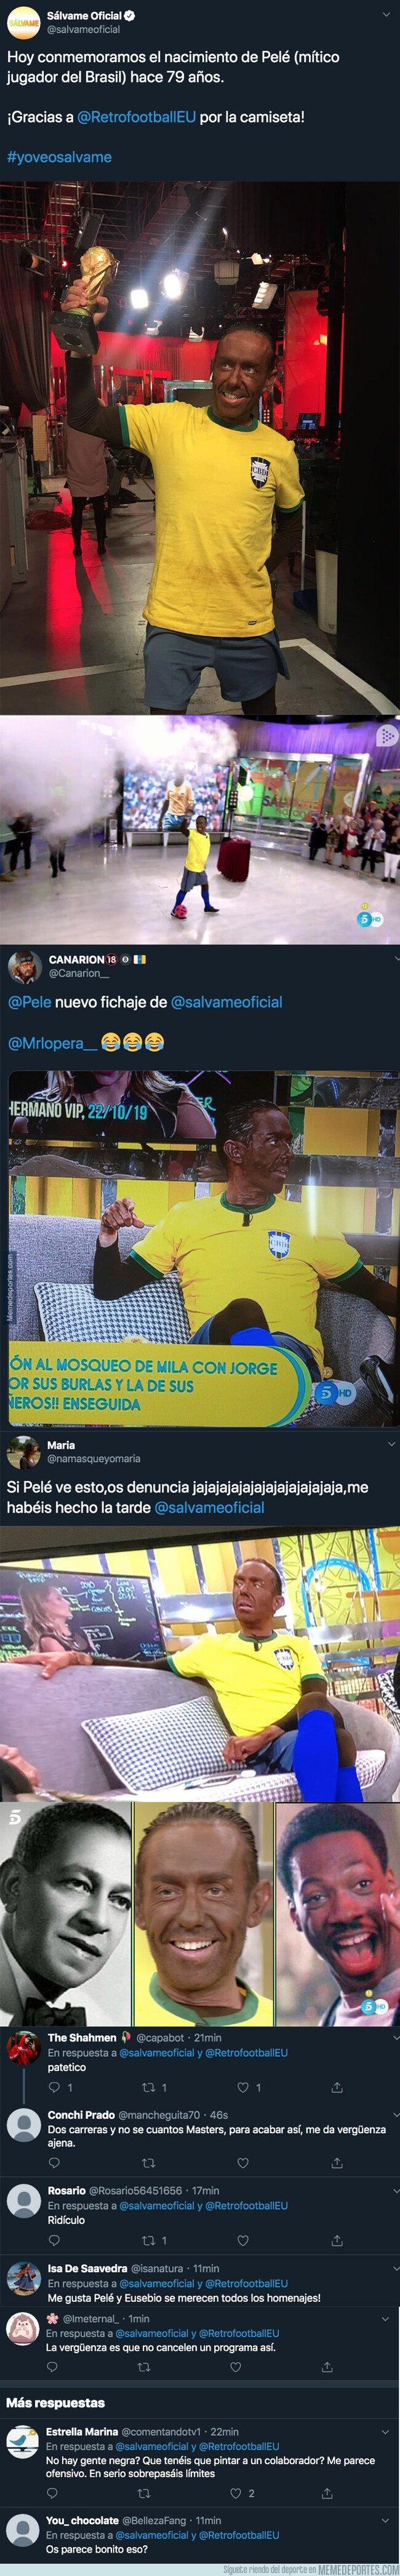 1089099 - Polémica máxima: Así han disfrazado a un colaborador de Sálvame para homenajear a Pelé y está indignando a todo el mundo